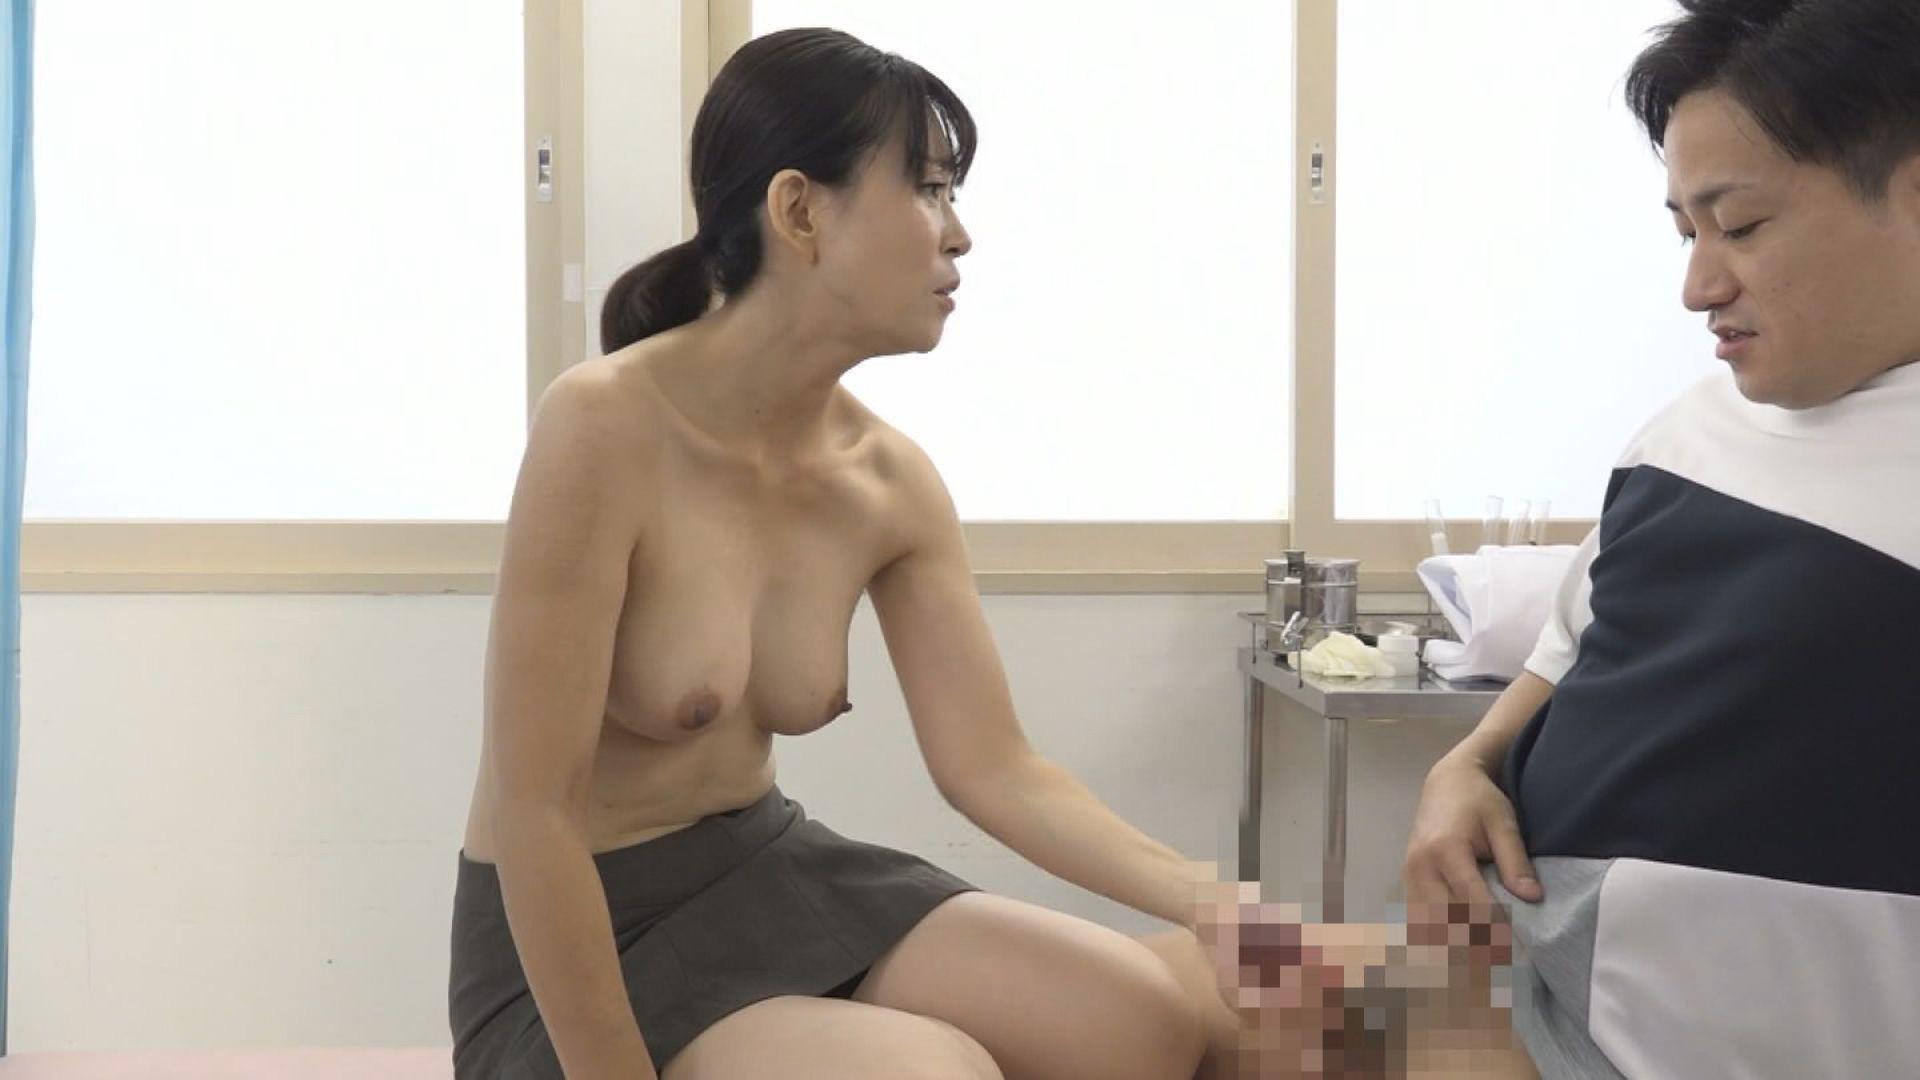 美人の先生がいる皮膚科に行って腫れたチンコを診てもらう流れでヌイてもらいたい(10) 画像11